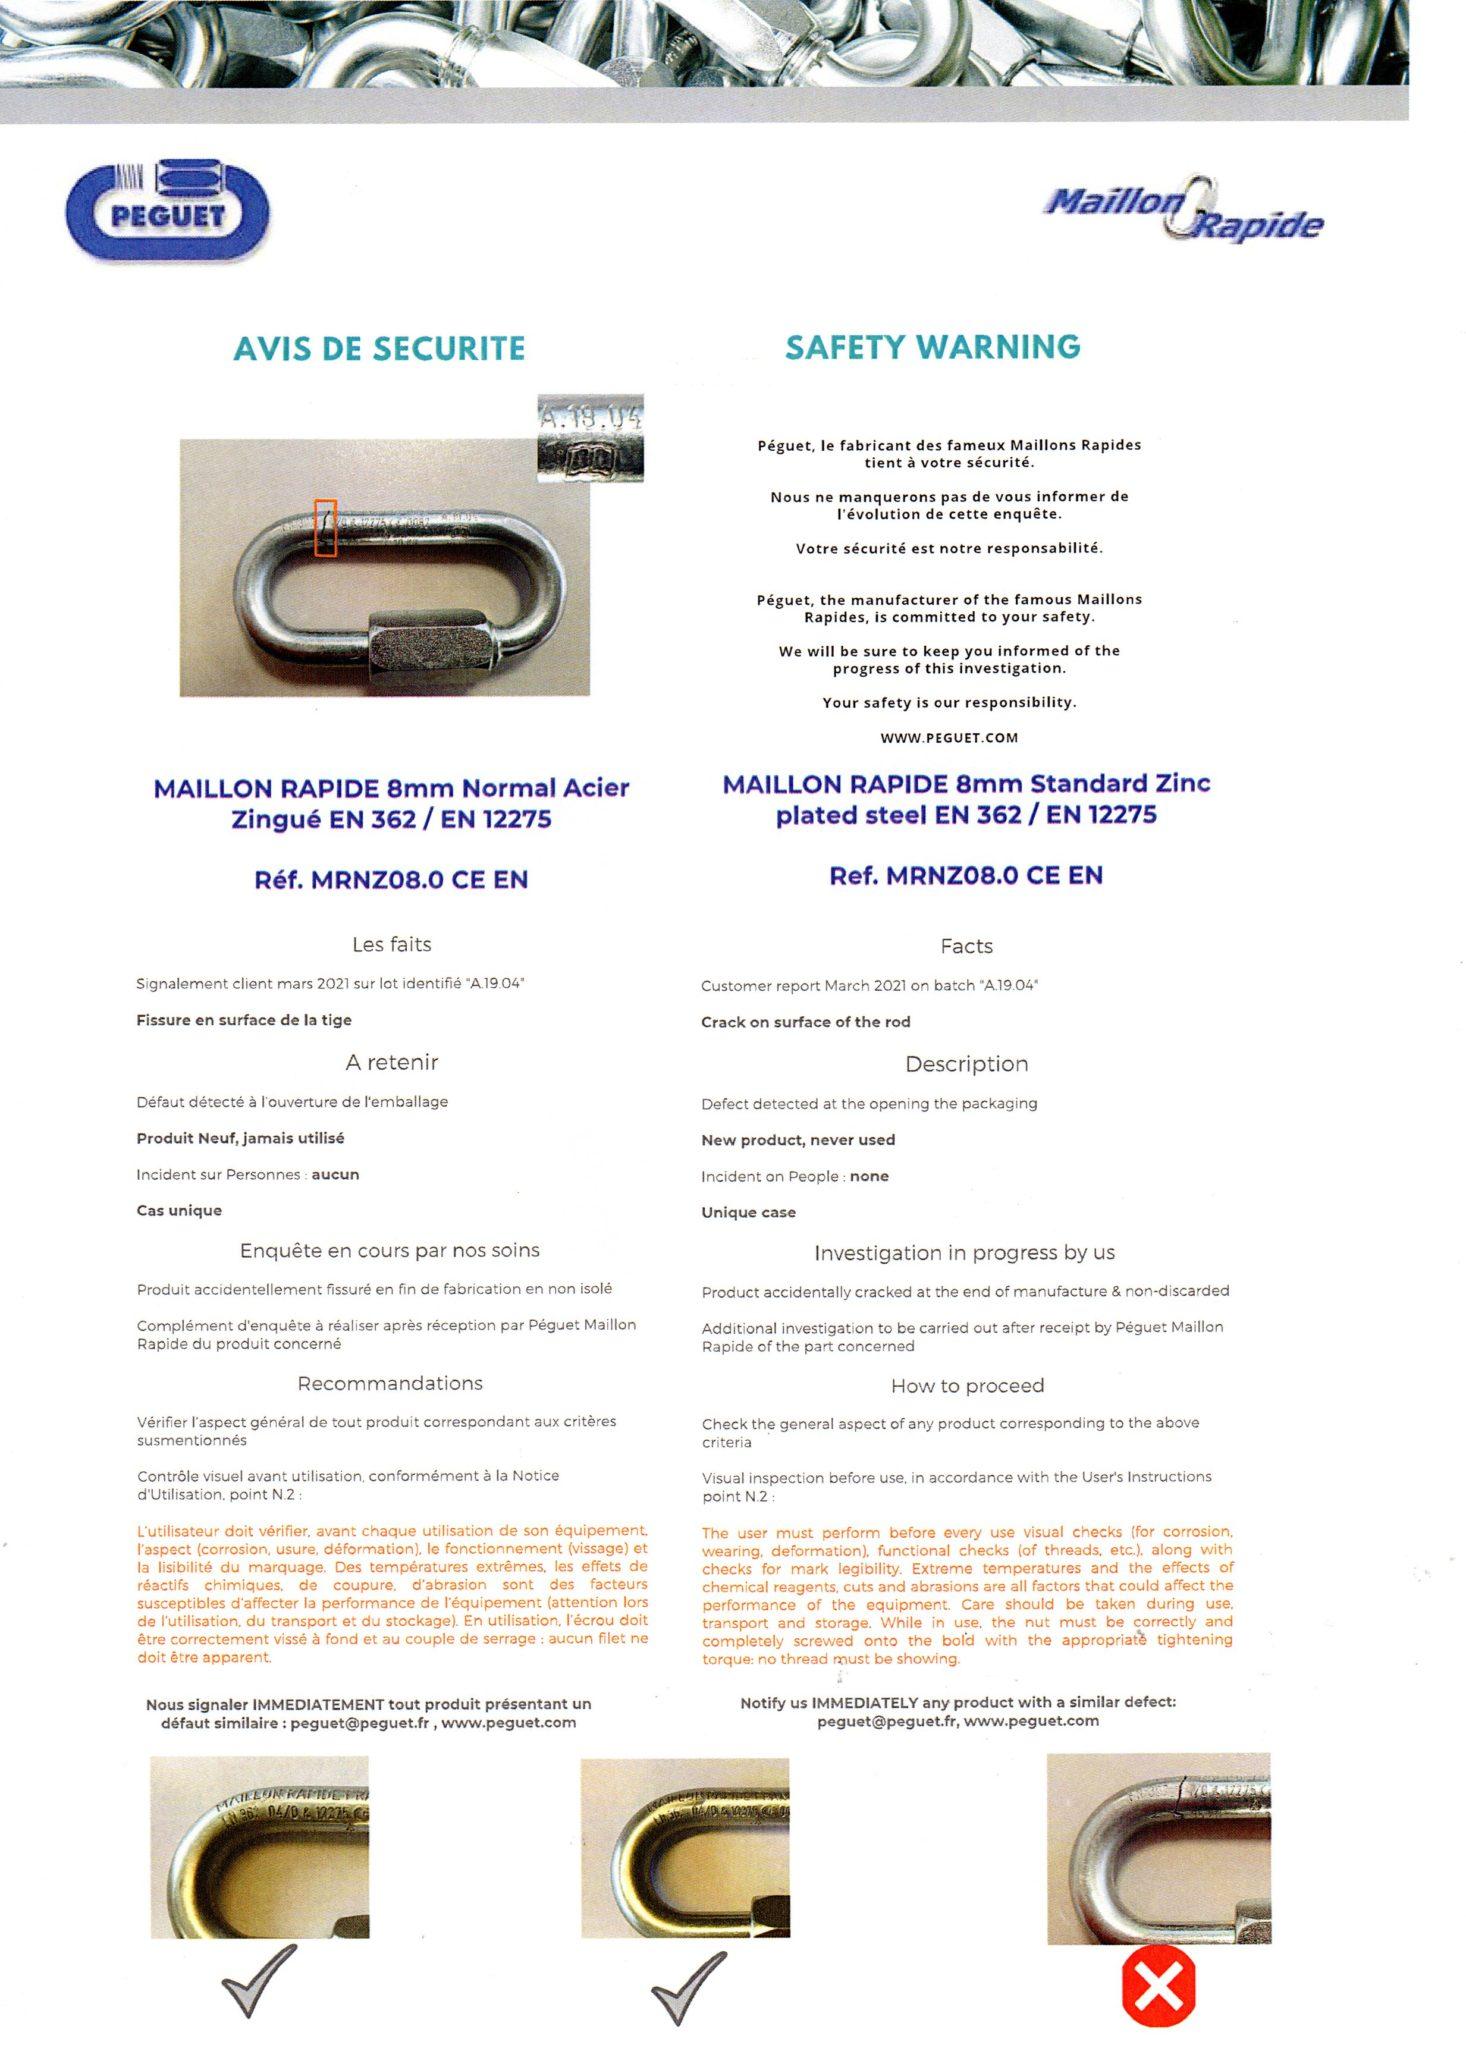 Das Bild zeige eine Sicherheitswarnung von Peguet zu Maillon Rapide Schraubgliedern.